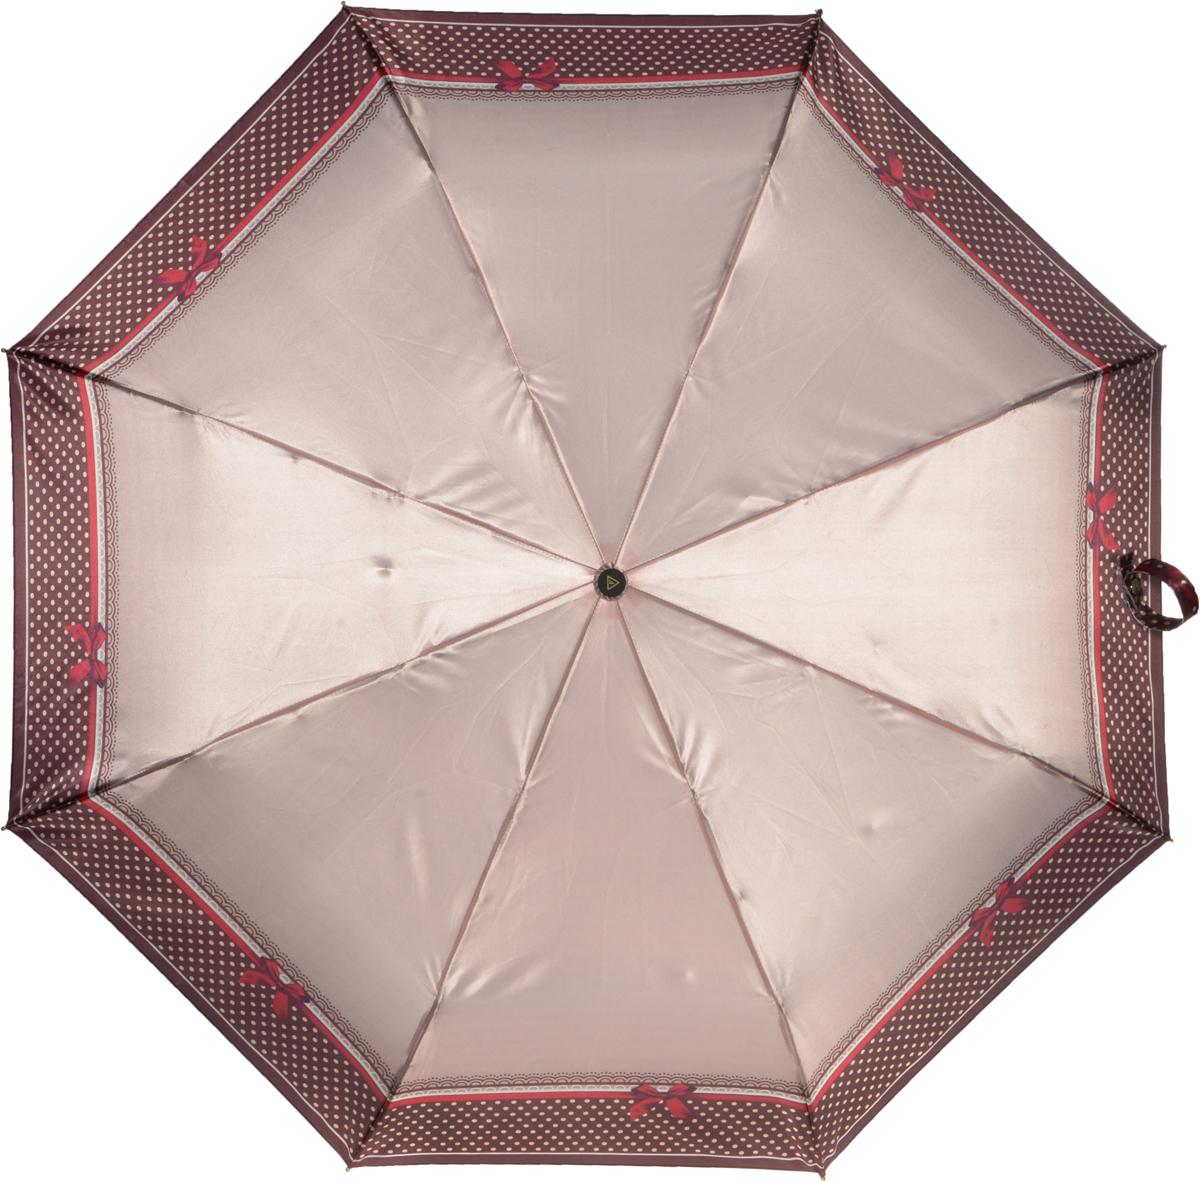 Зонт женский Fabretti, полный автомат, 3 сложения. S-16102-9S-16102-9Зонт женский Fabretti, суперавтомат, 3 сложения, сатин